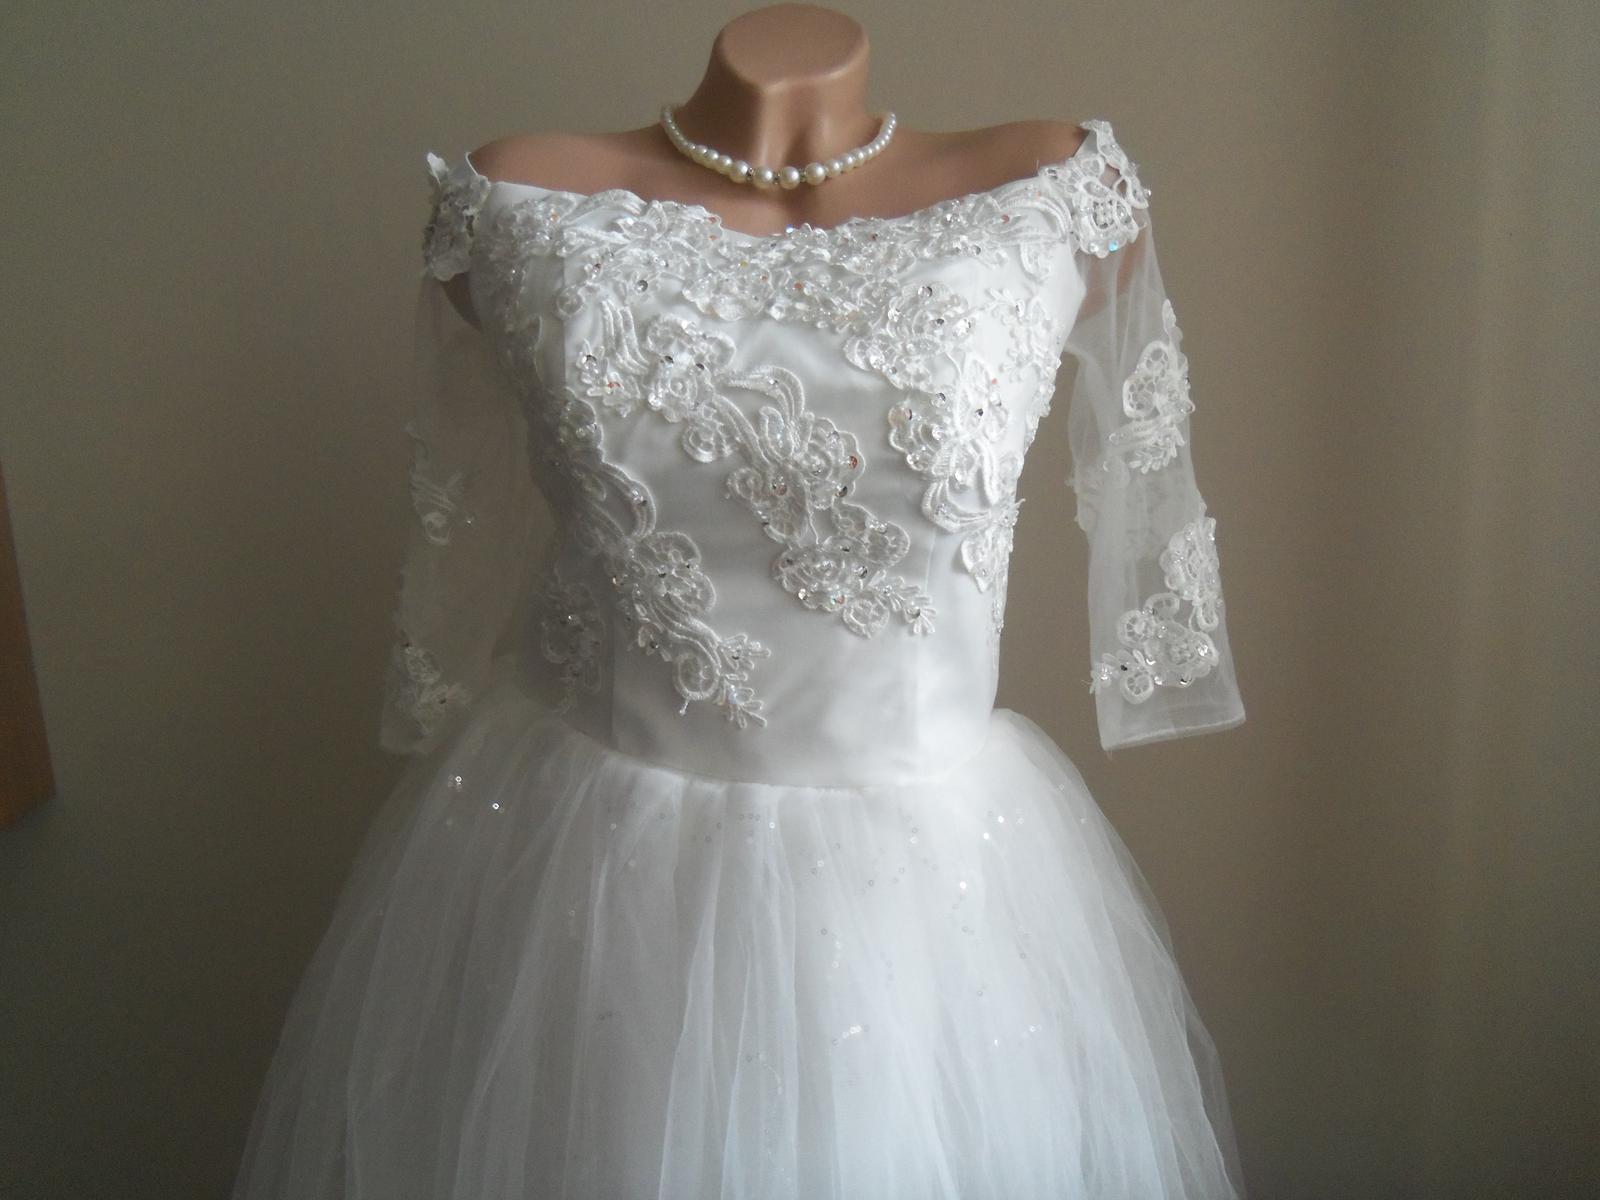 ad2a4e01df81 Akcia svadobné šaty k dispozícii eu 38-42